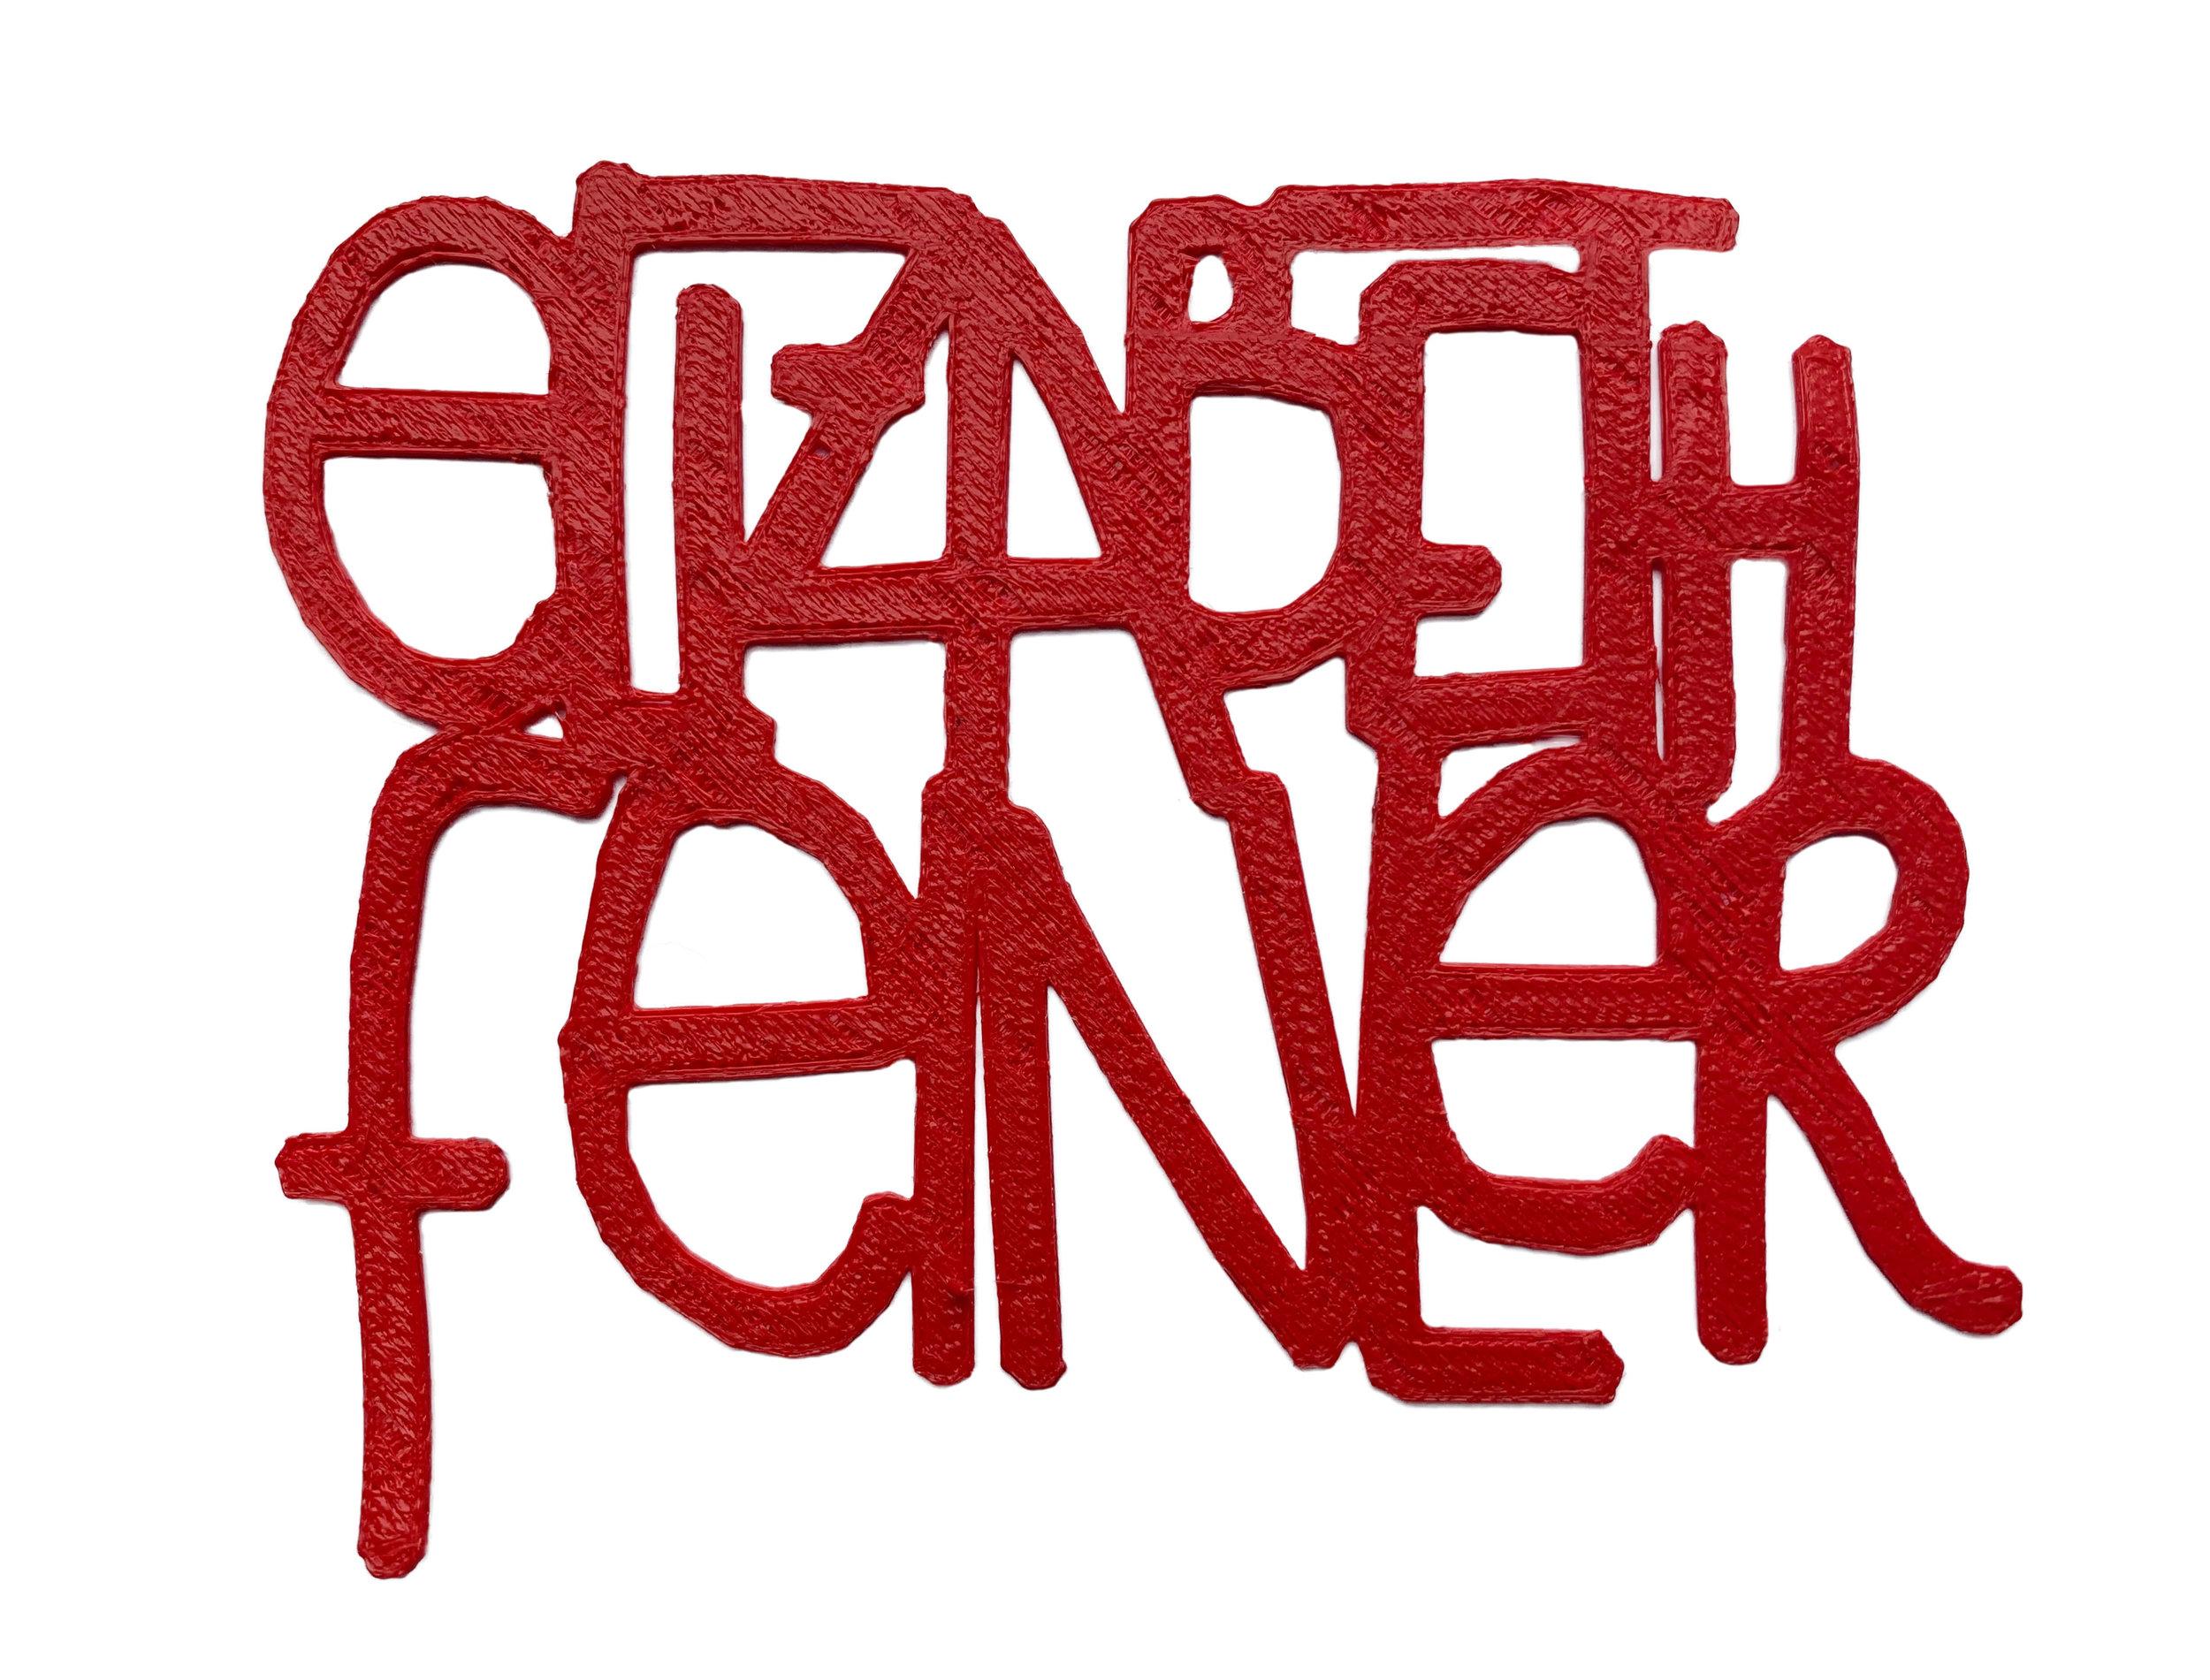 elizabeth feinler.jpg